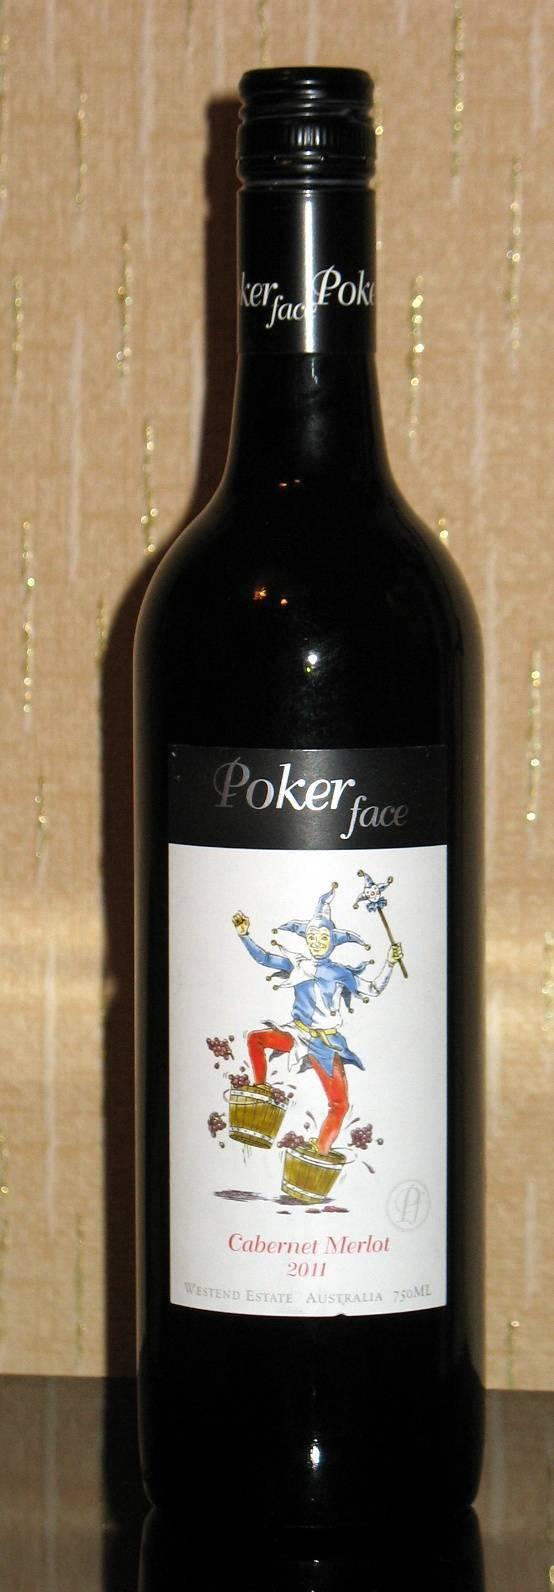 Рейтинг марок хорошего недорогого вина